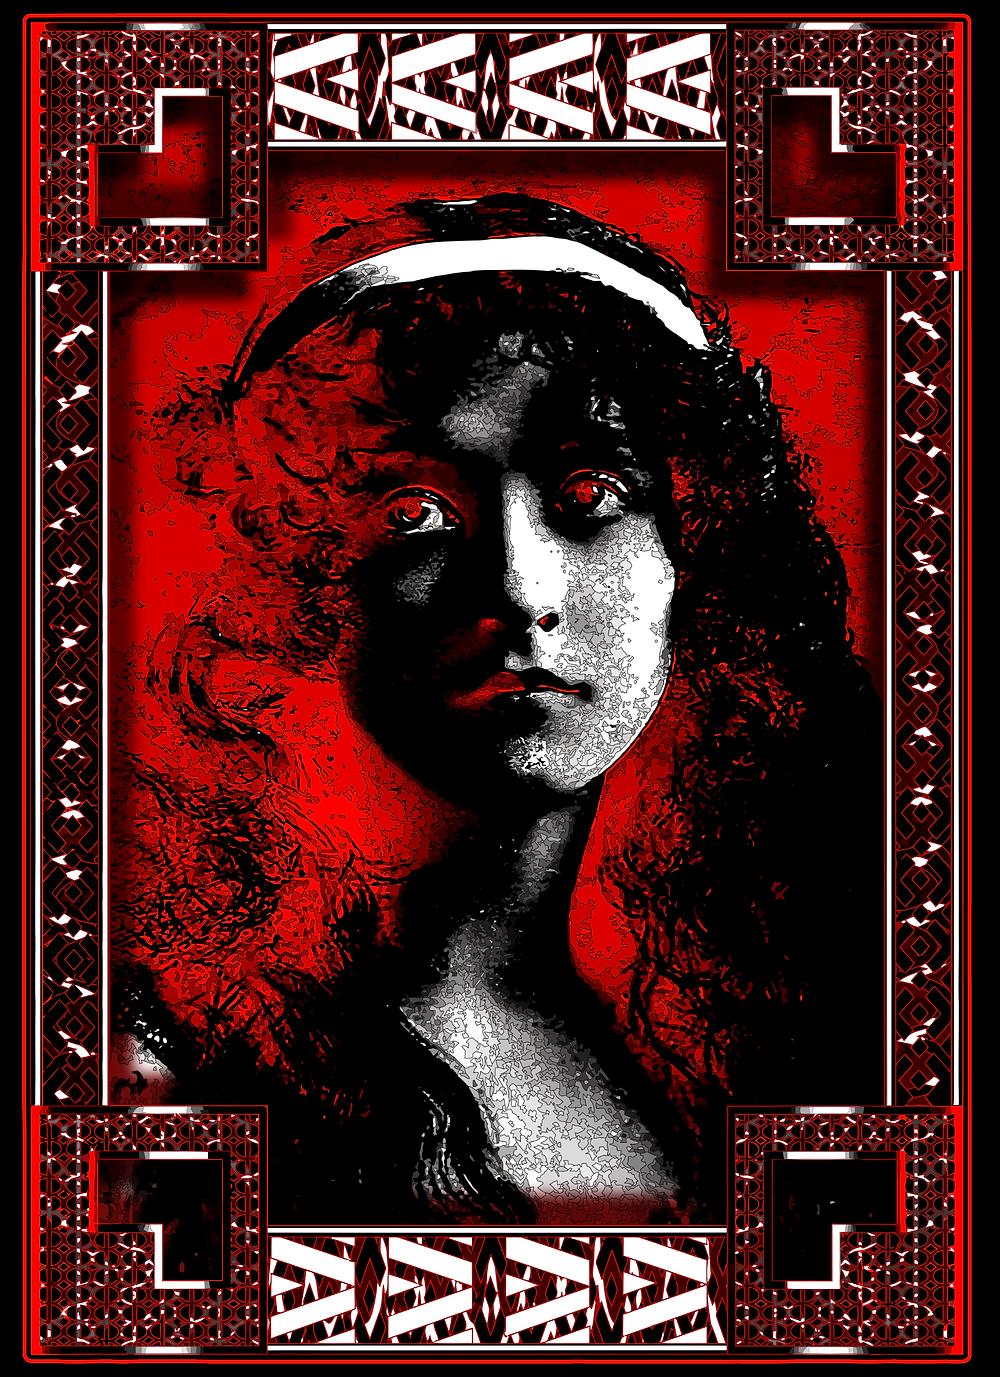 Red Princess, an image